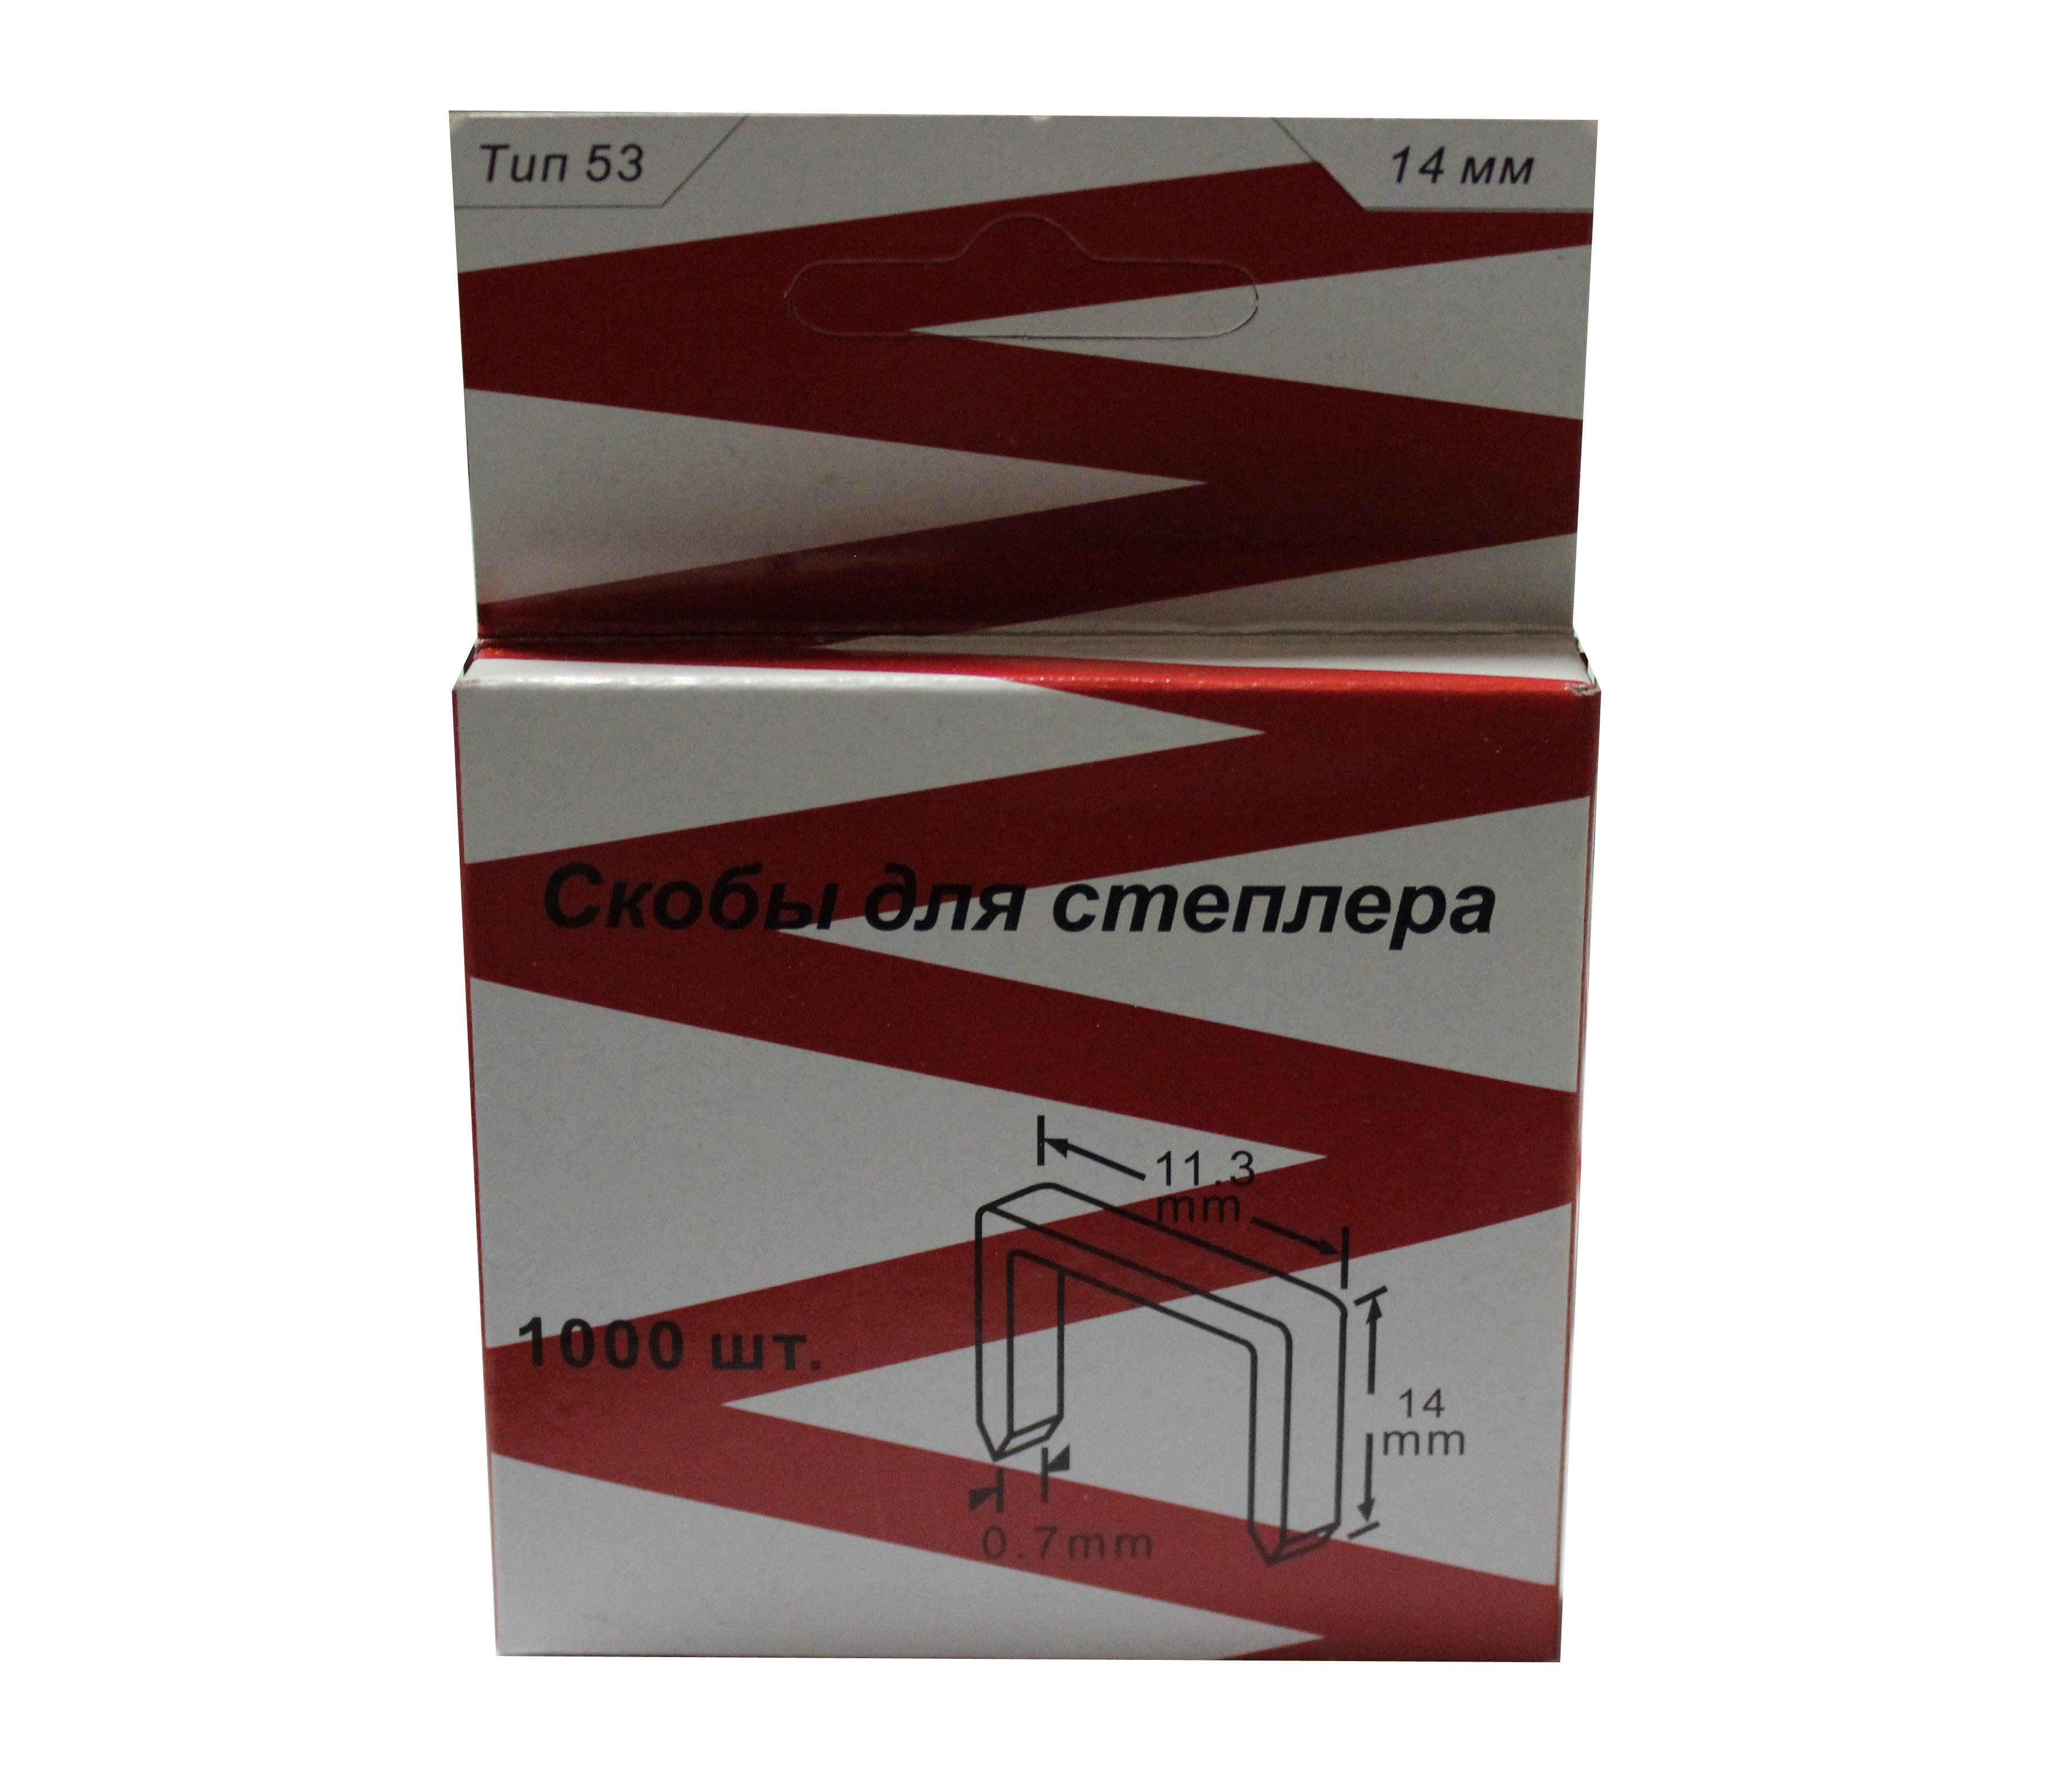 Скобы  для степлера 14 мм, тип 53, (11,3х0,7) П-образные, 1000 шт Эконом